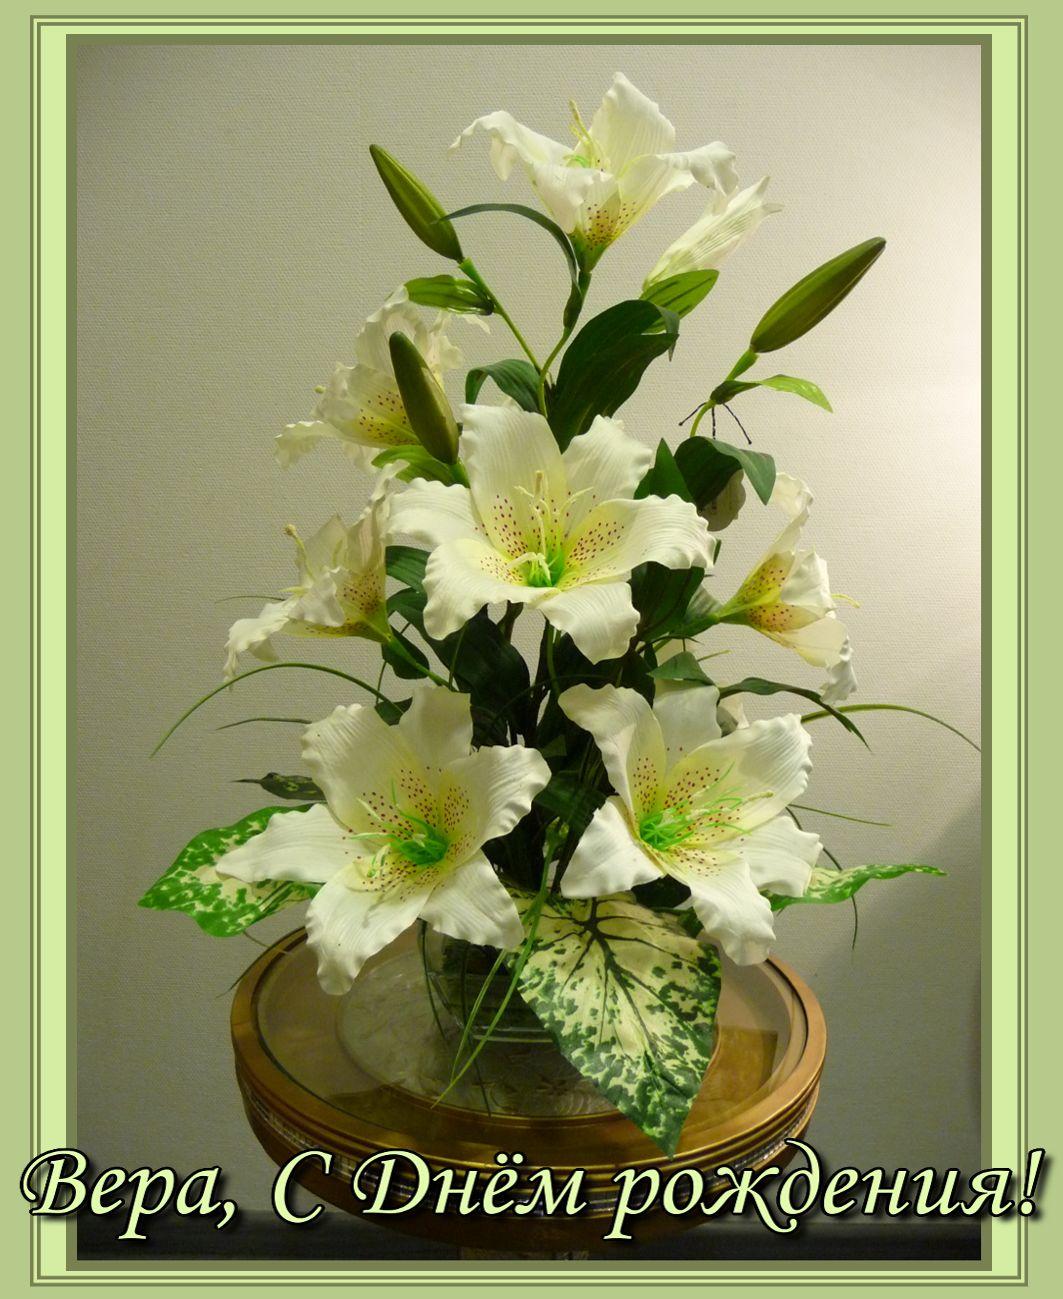 Красивый букет цветов для Веры